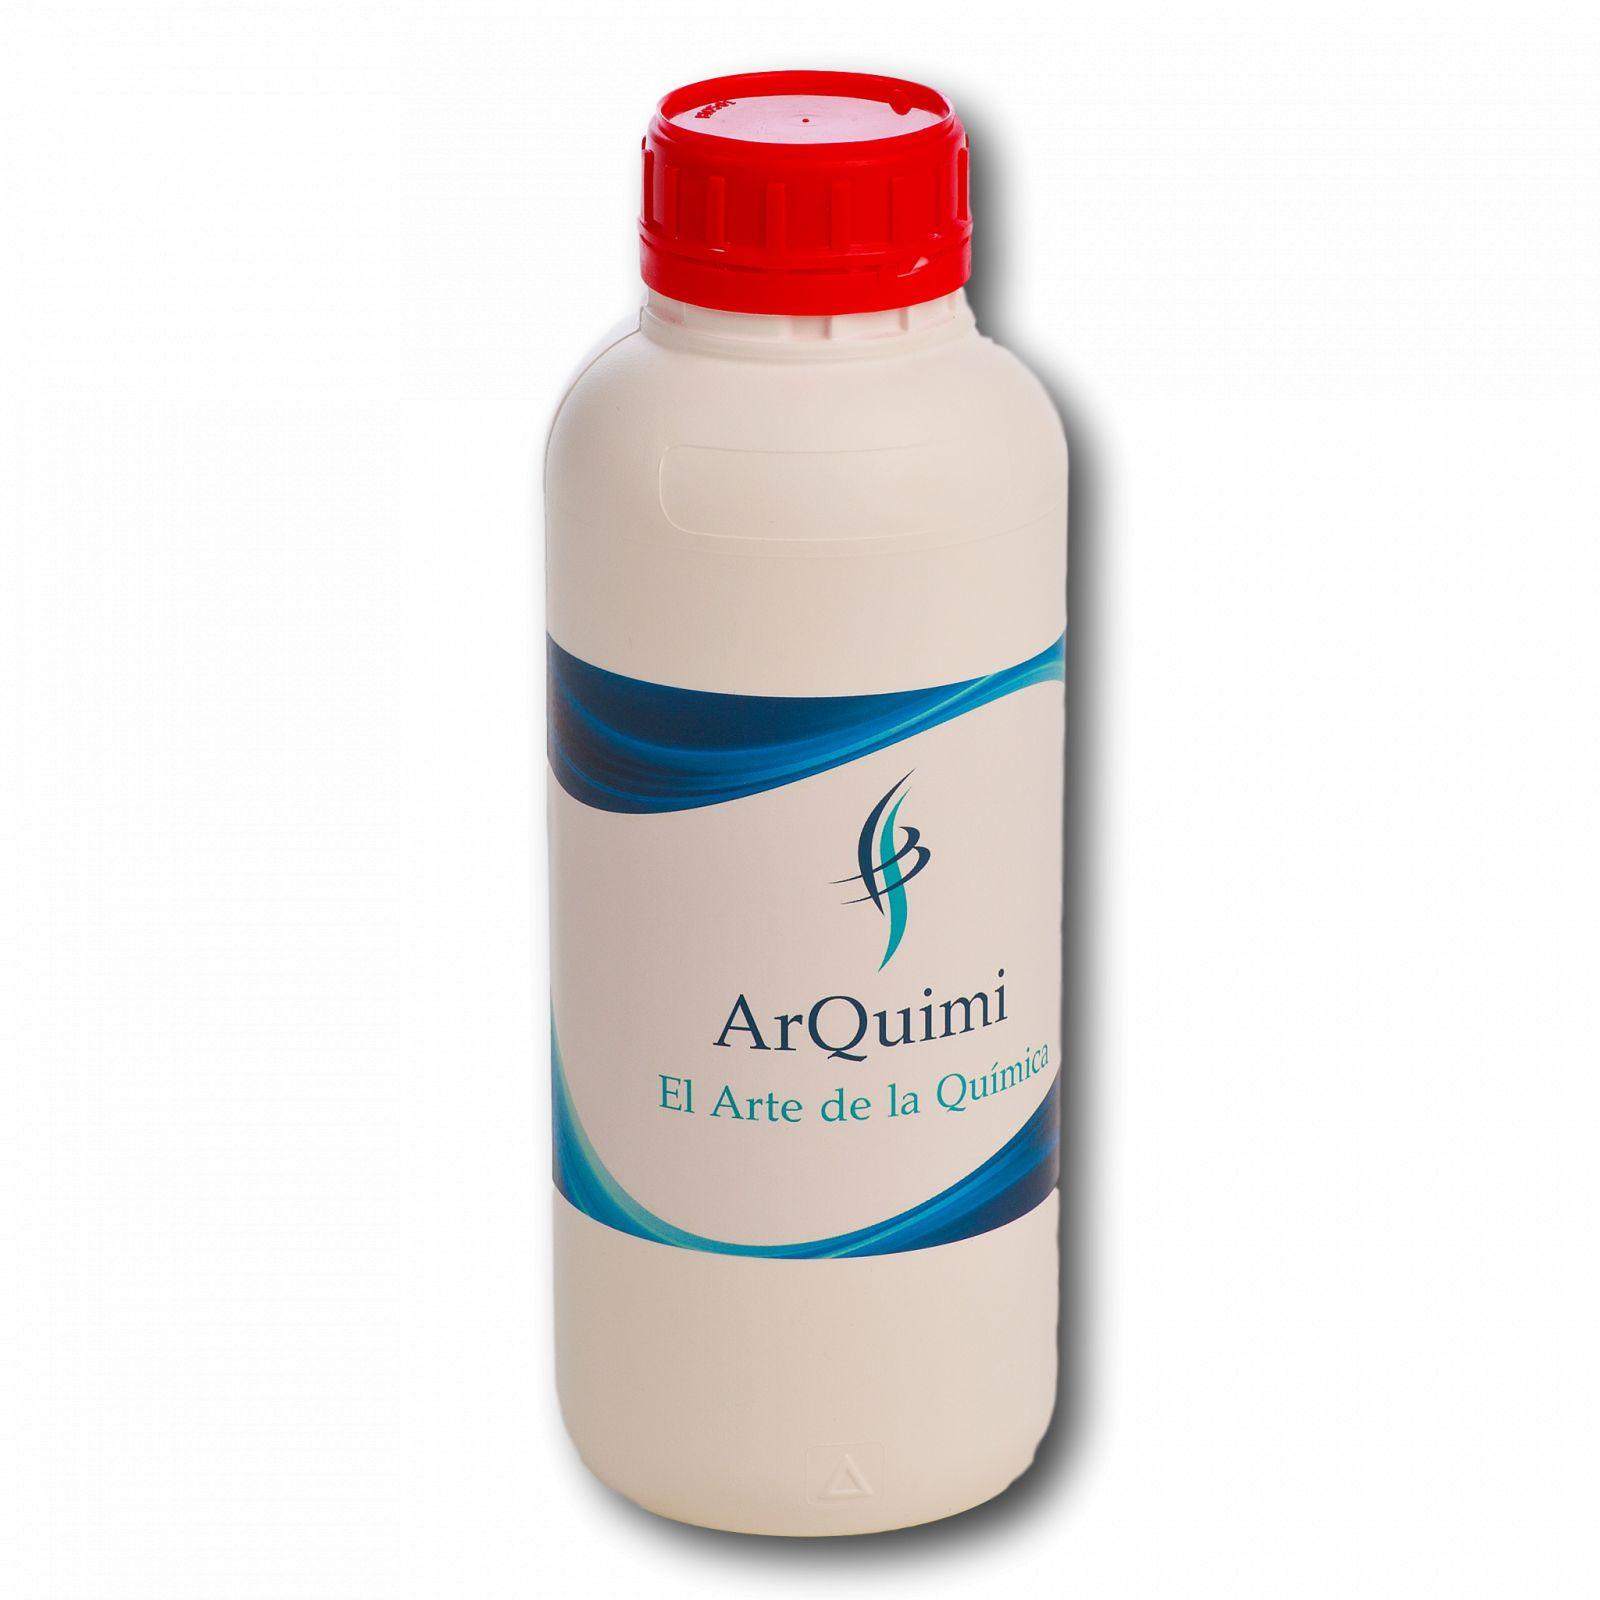 Ácido Clorhídrico 20% - Salfumán